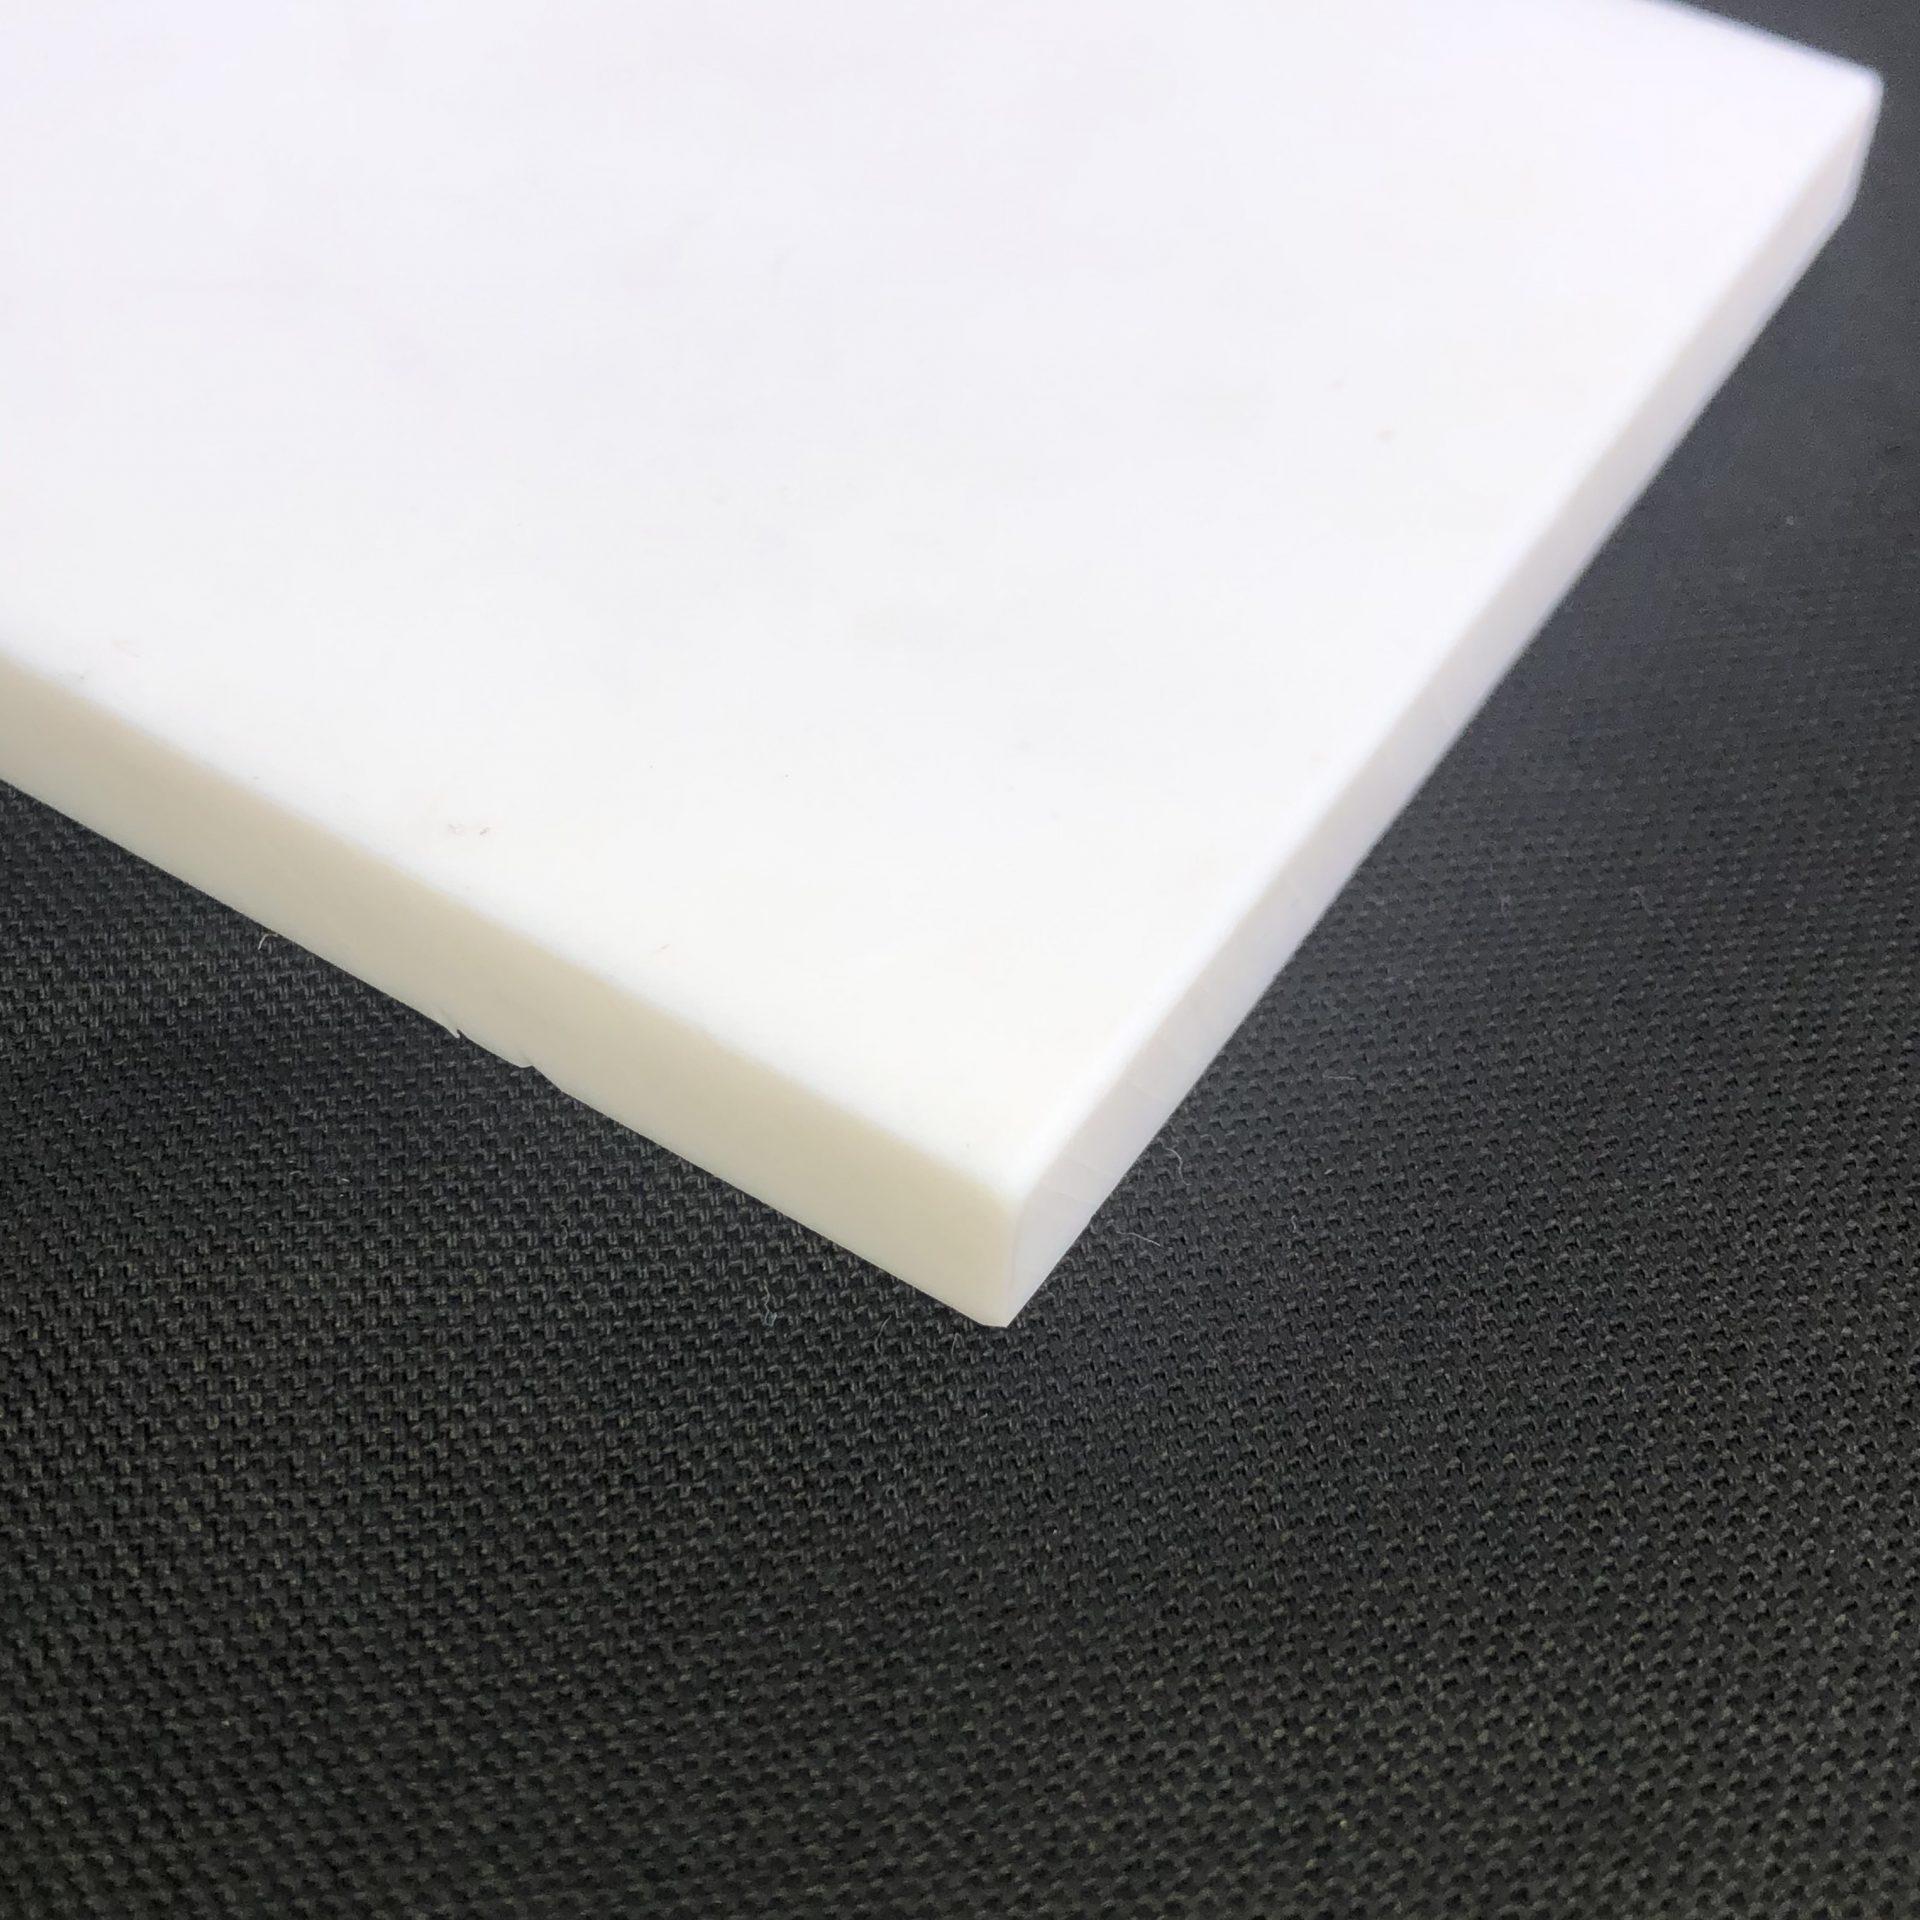 """UHMW Polyethylene Sheet 0.375/"""" x 5/"""" x 48/"""" White"""